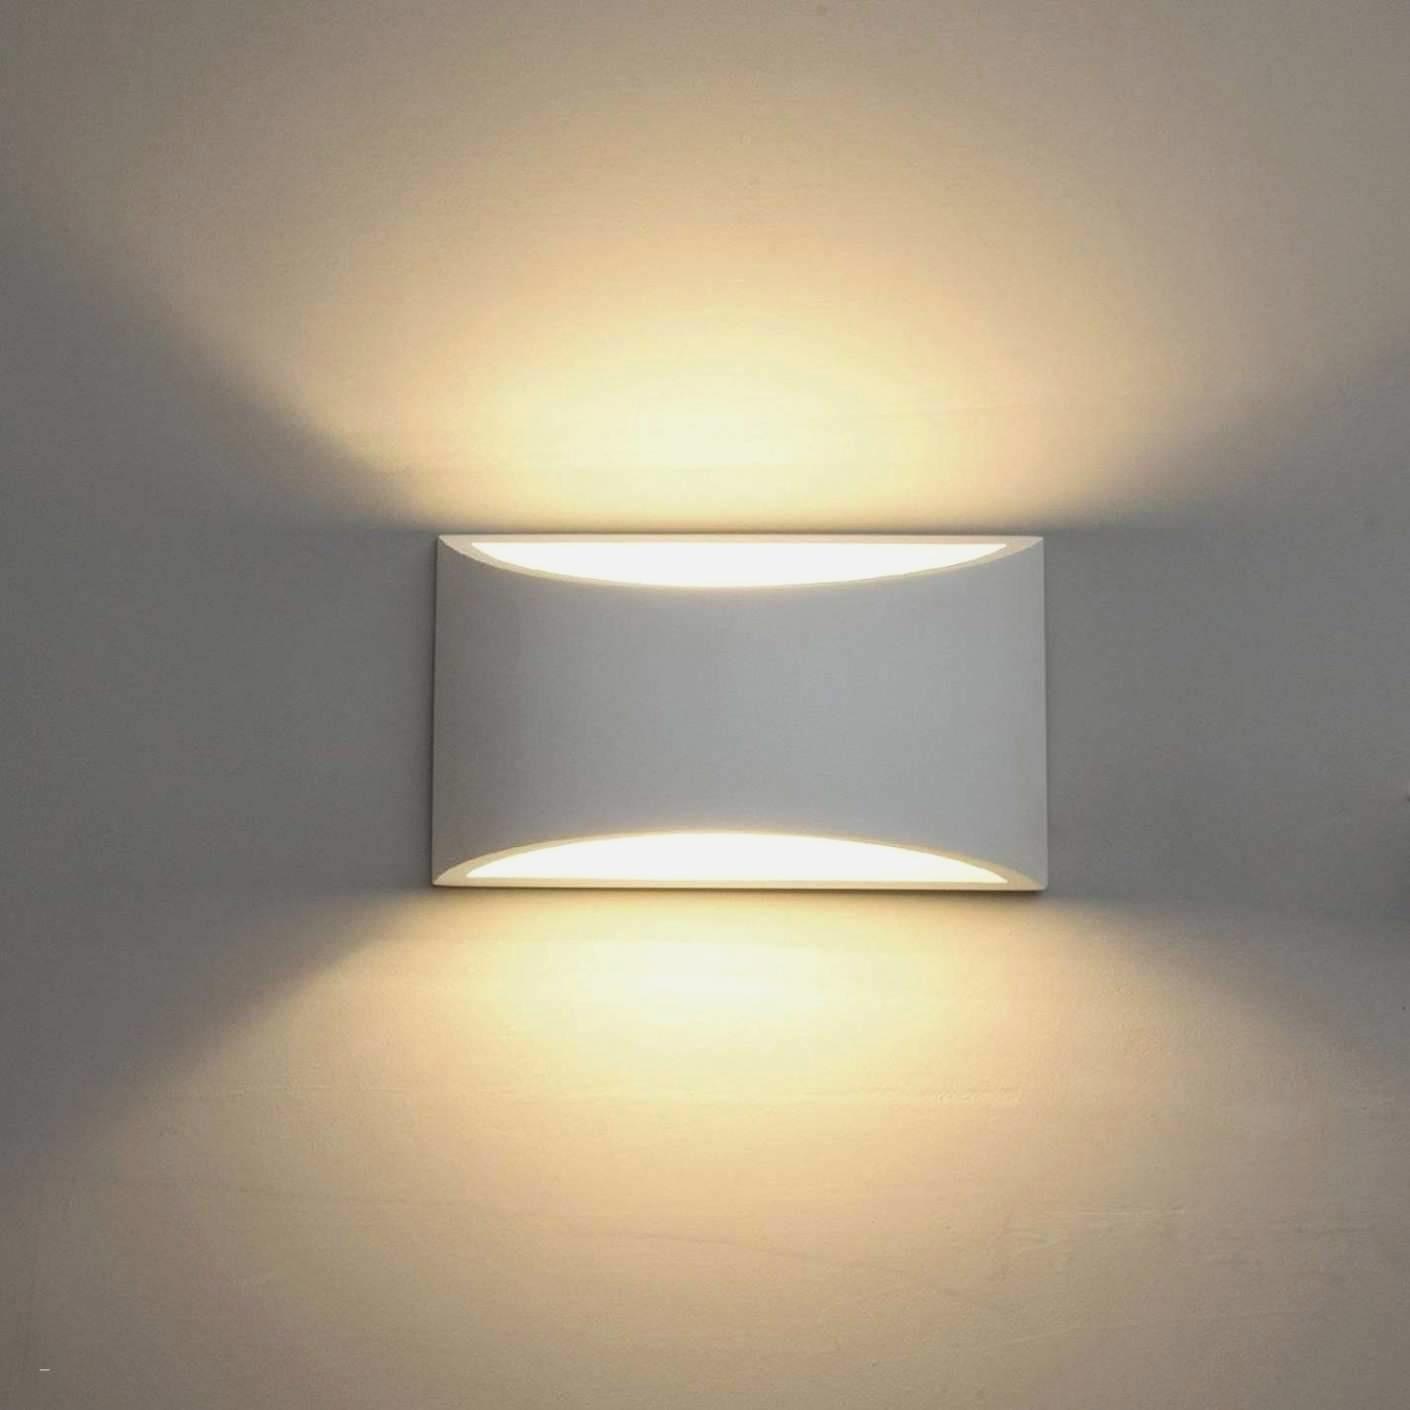 Full Size of Deckenlampe Bad Amazon Led Badezimmer Ip44 Eckig Deckenleuchte Ikea Design Obi Dimmbar Hotel Wildungen Ferienwohnung Krozingen Hersfeld Gögging Schränke Wohnzimmer Deckenlampe Bad